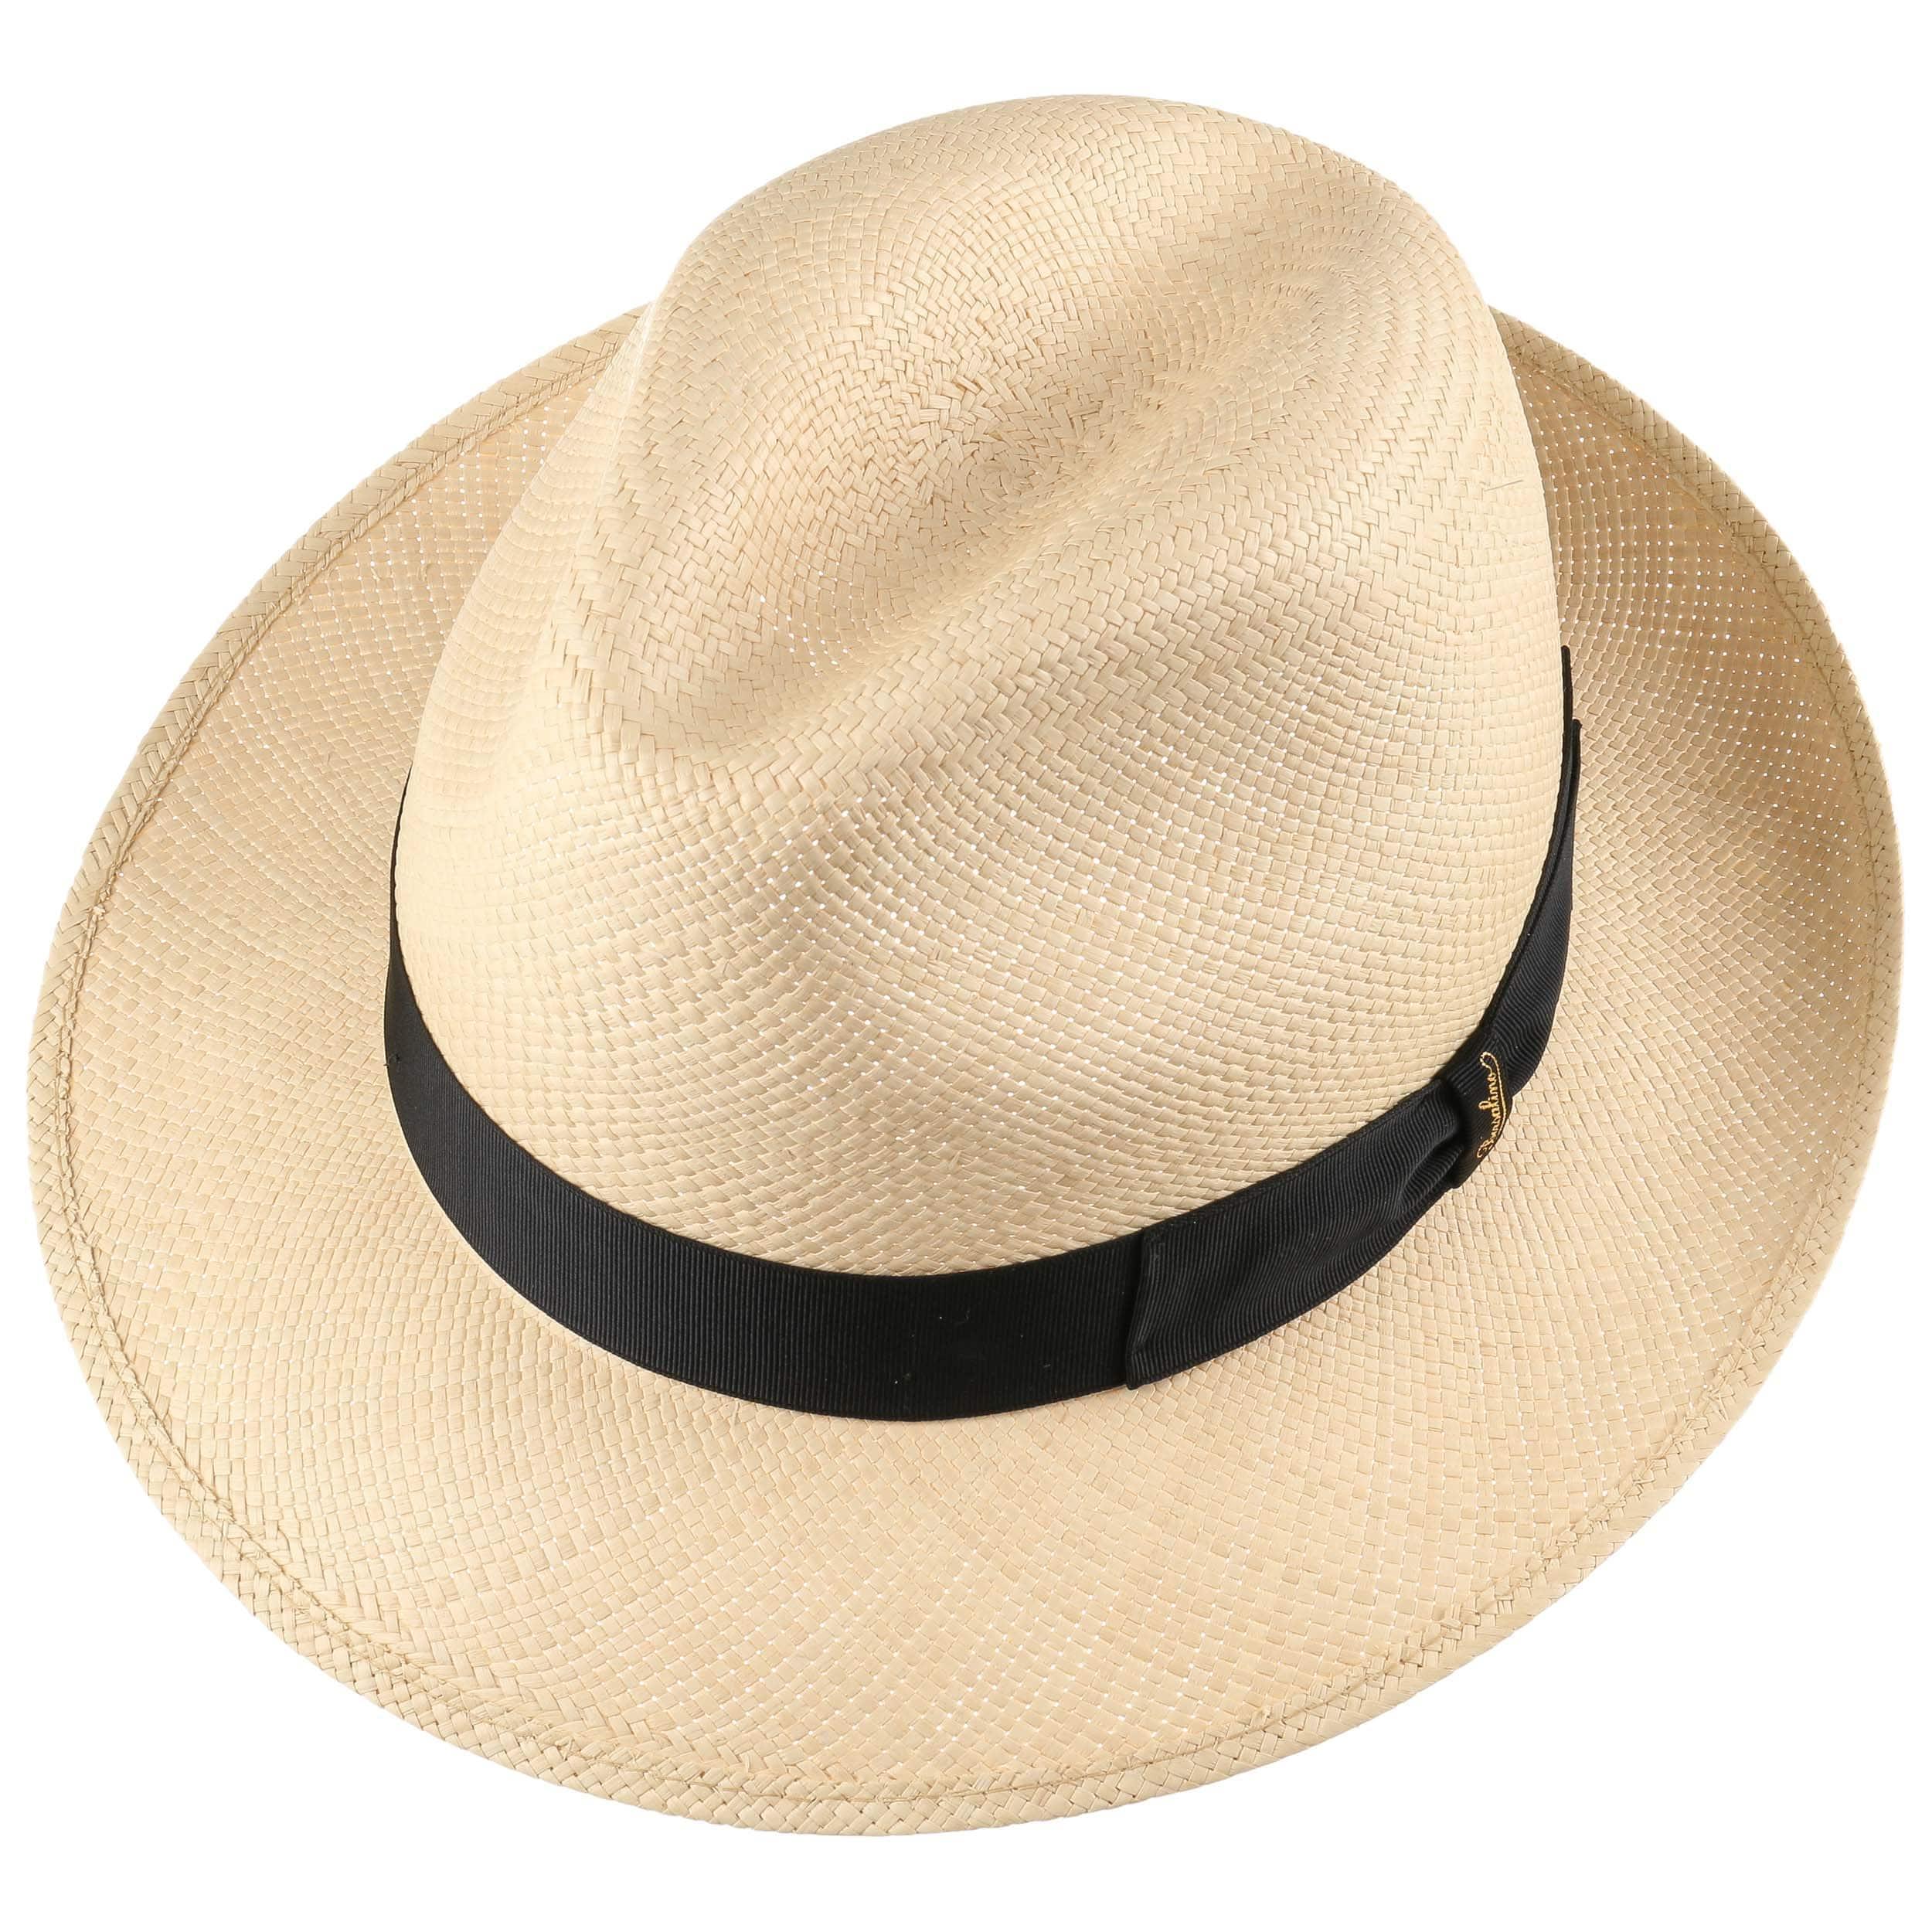 584e1687 Ecuador Panama Hat by Borsalino, GBP 228,95 --> Hats, caps & beanies ...